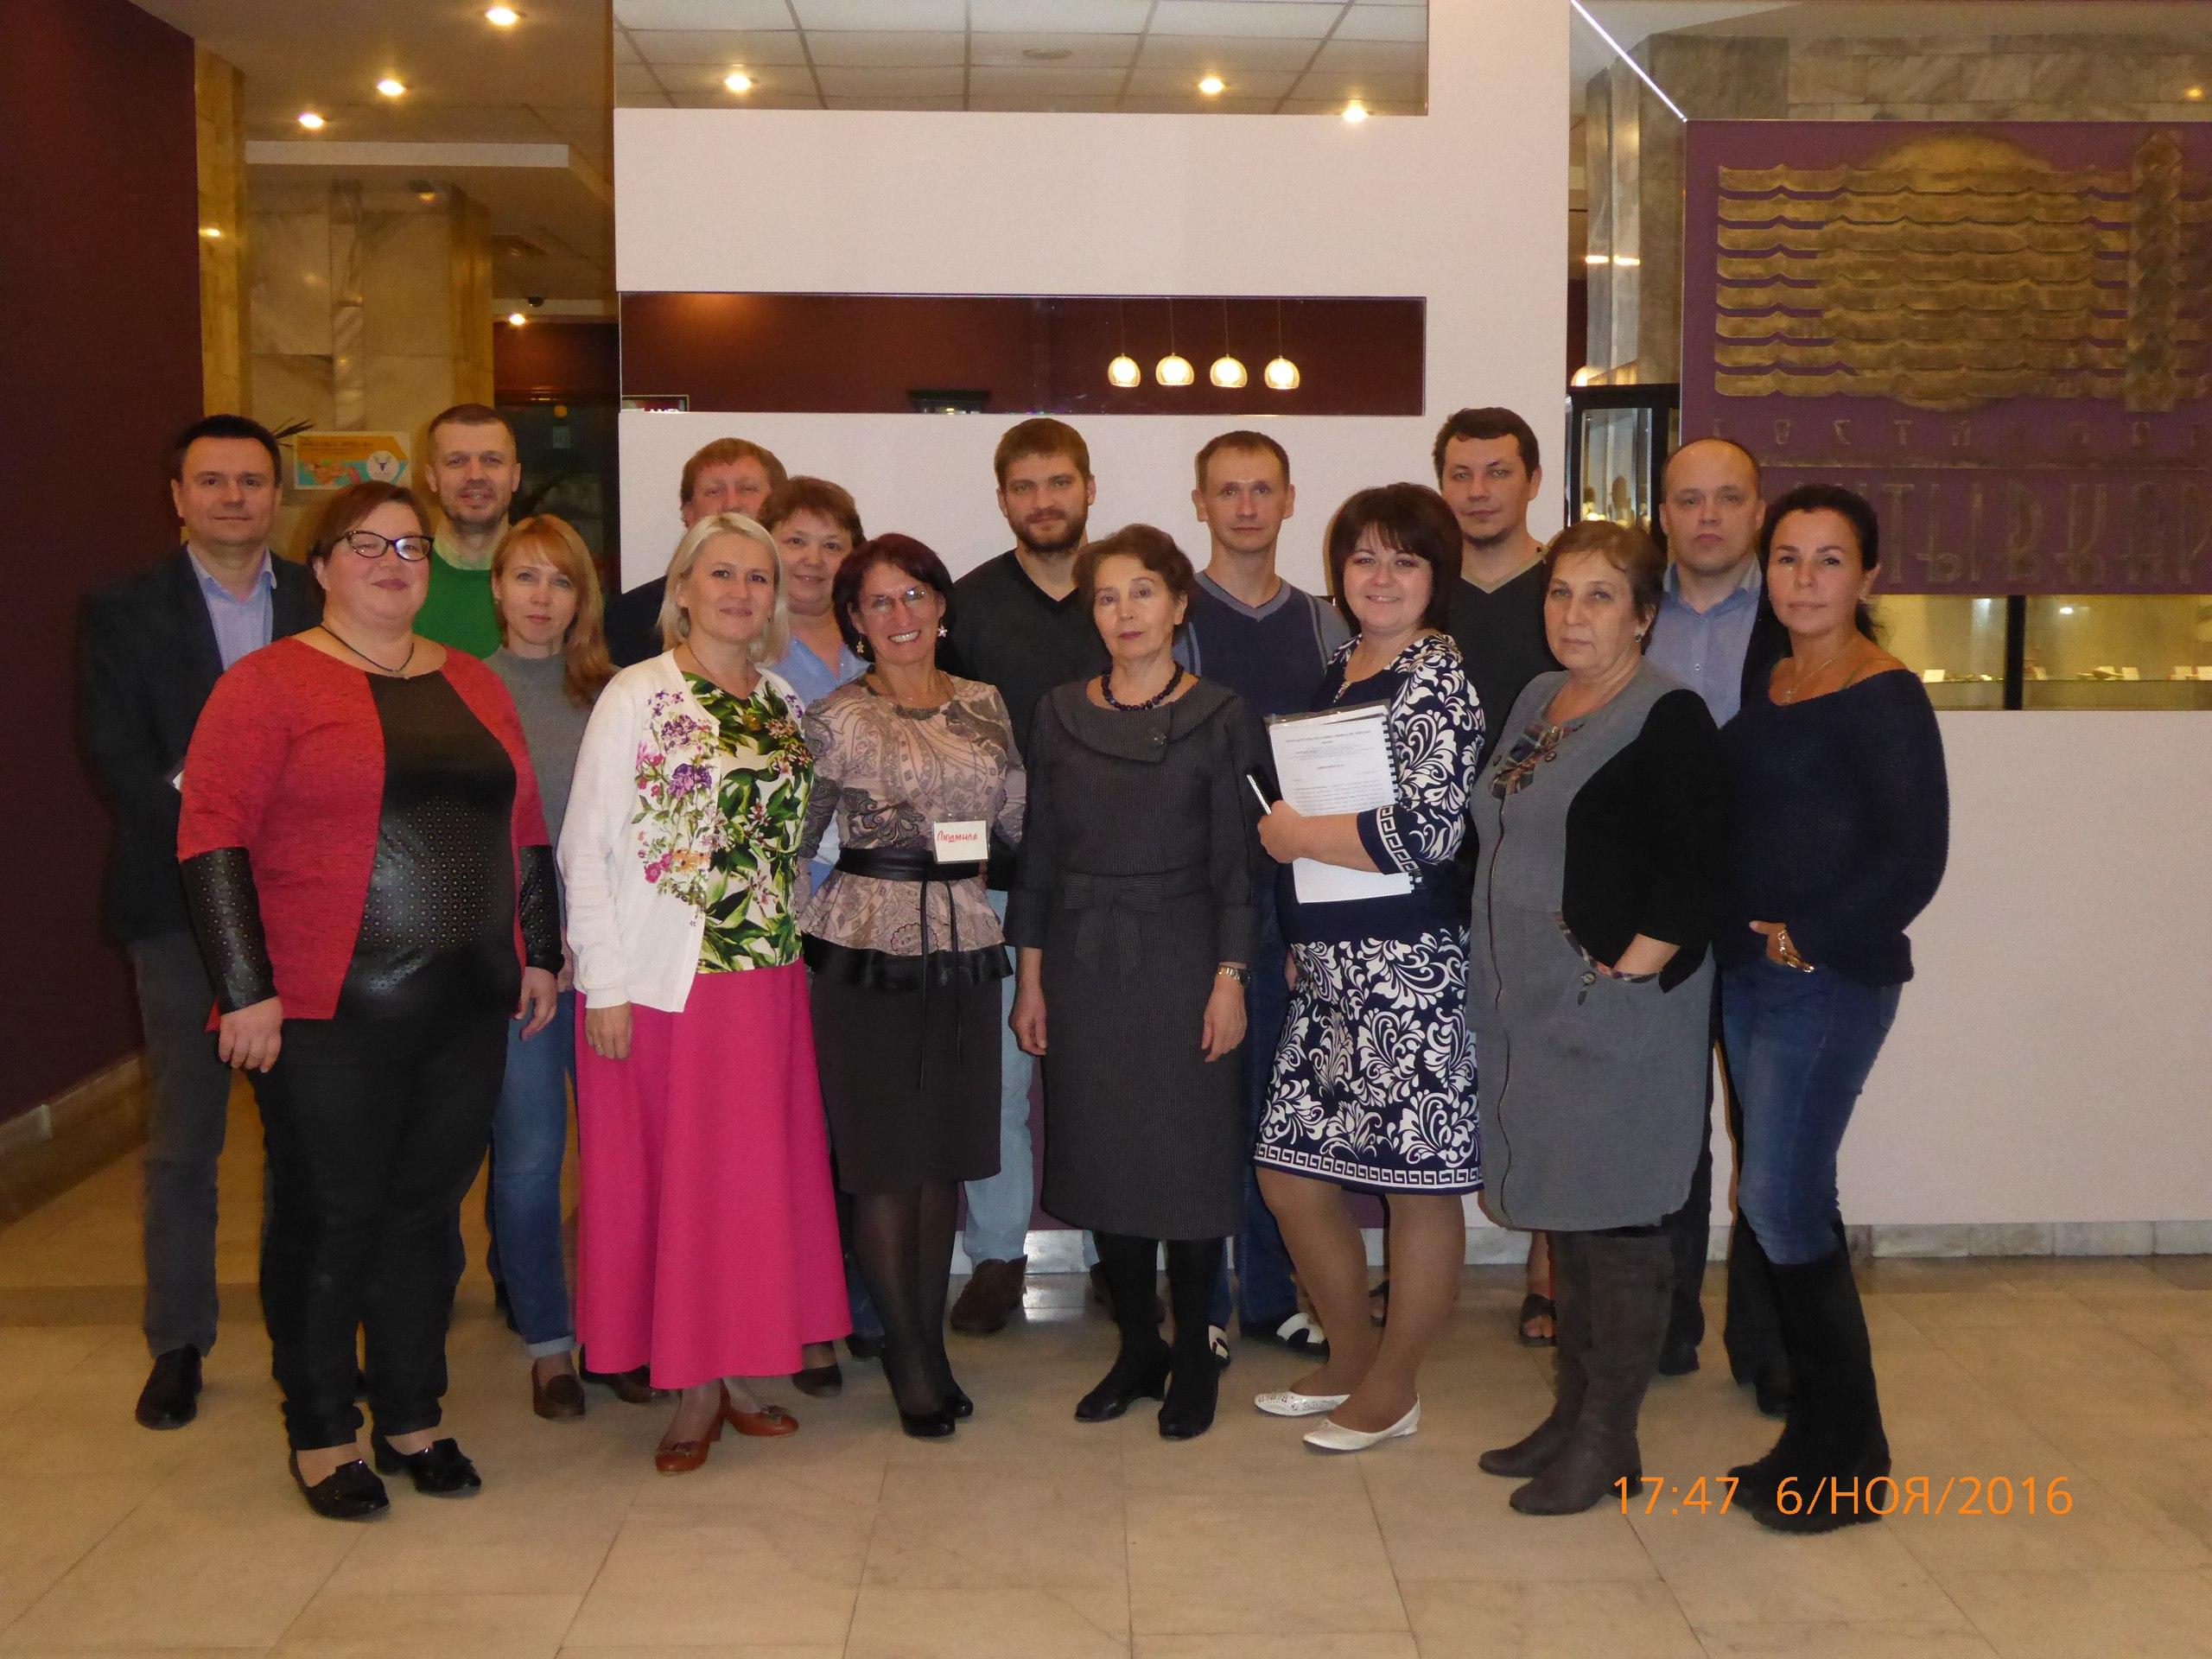 5-6 ноября 2016 г. в г. Сыктывкар Республика Коми прошел семинар для членов ОНК и кандидатов в ОНК.